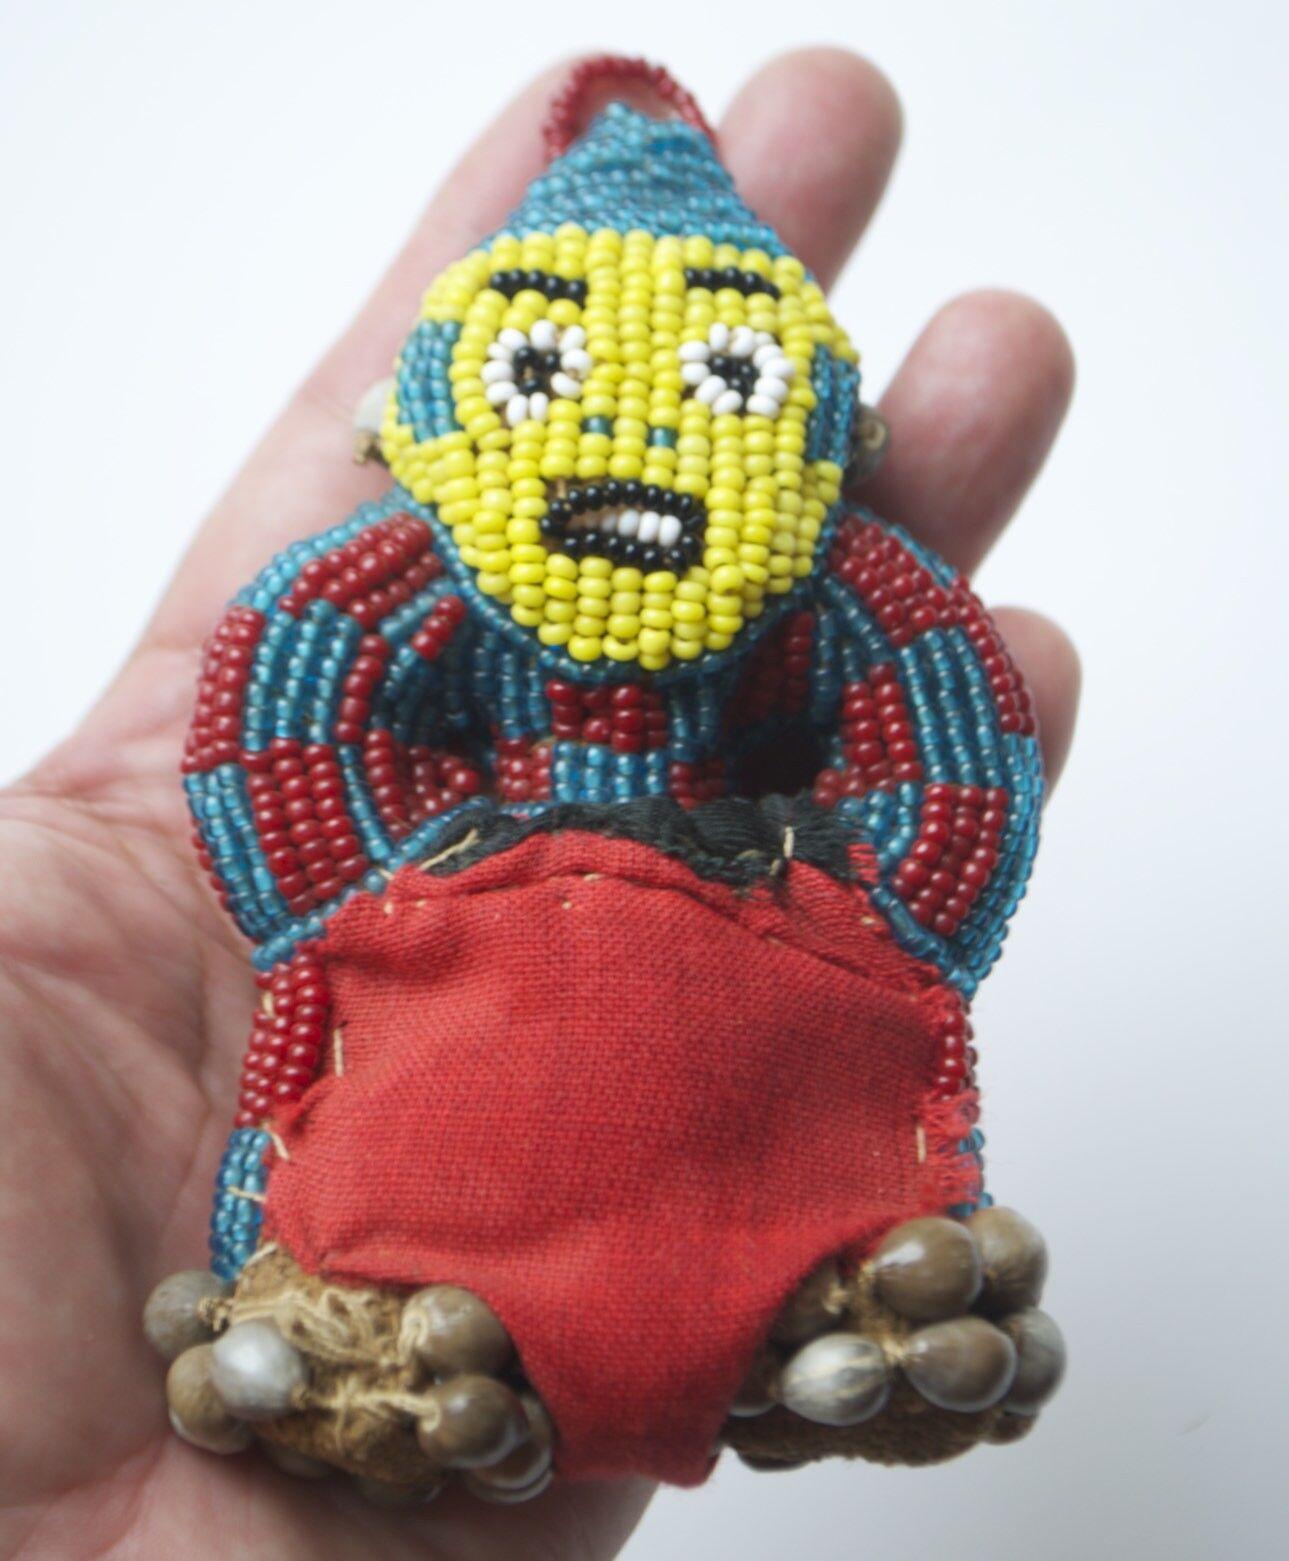 Muñeca de Fertilidad bamileke Camerún étnicos con Cuentas Hecho a Mano Vintage Original  D2